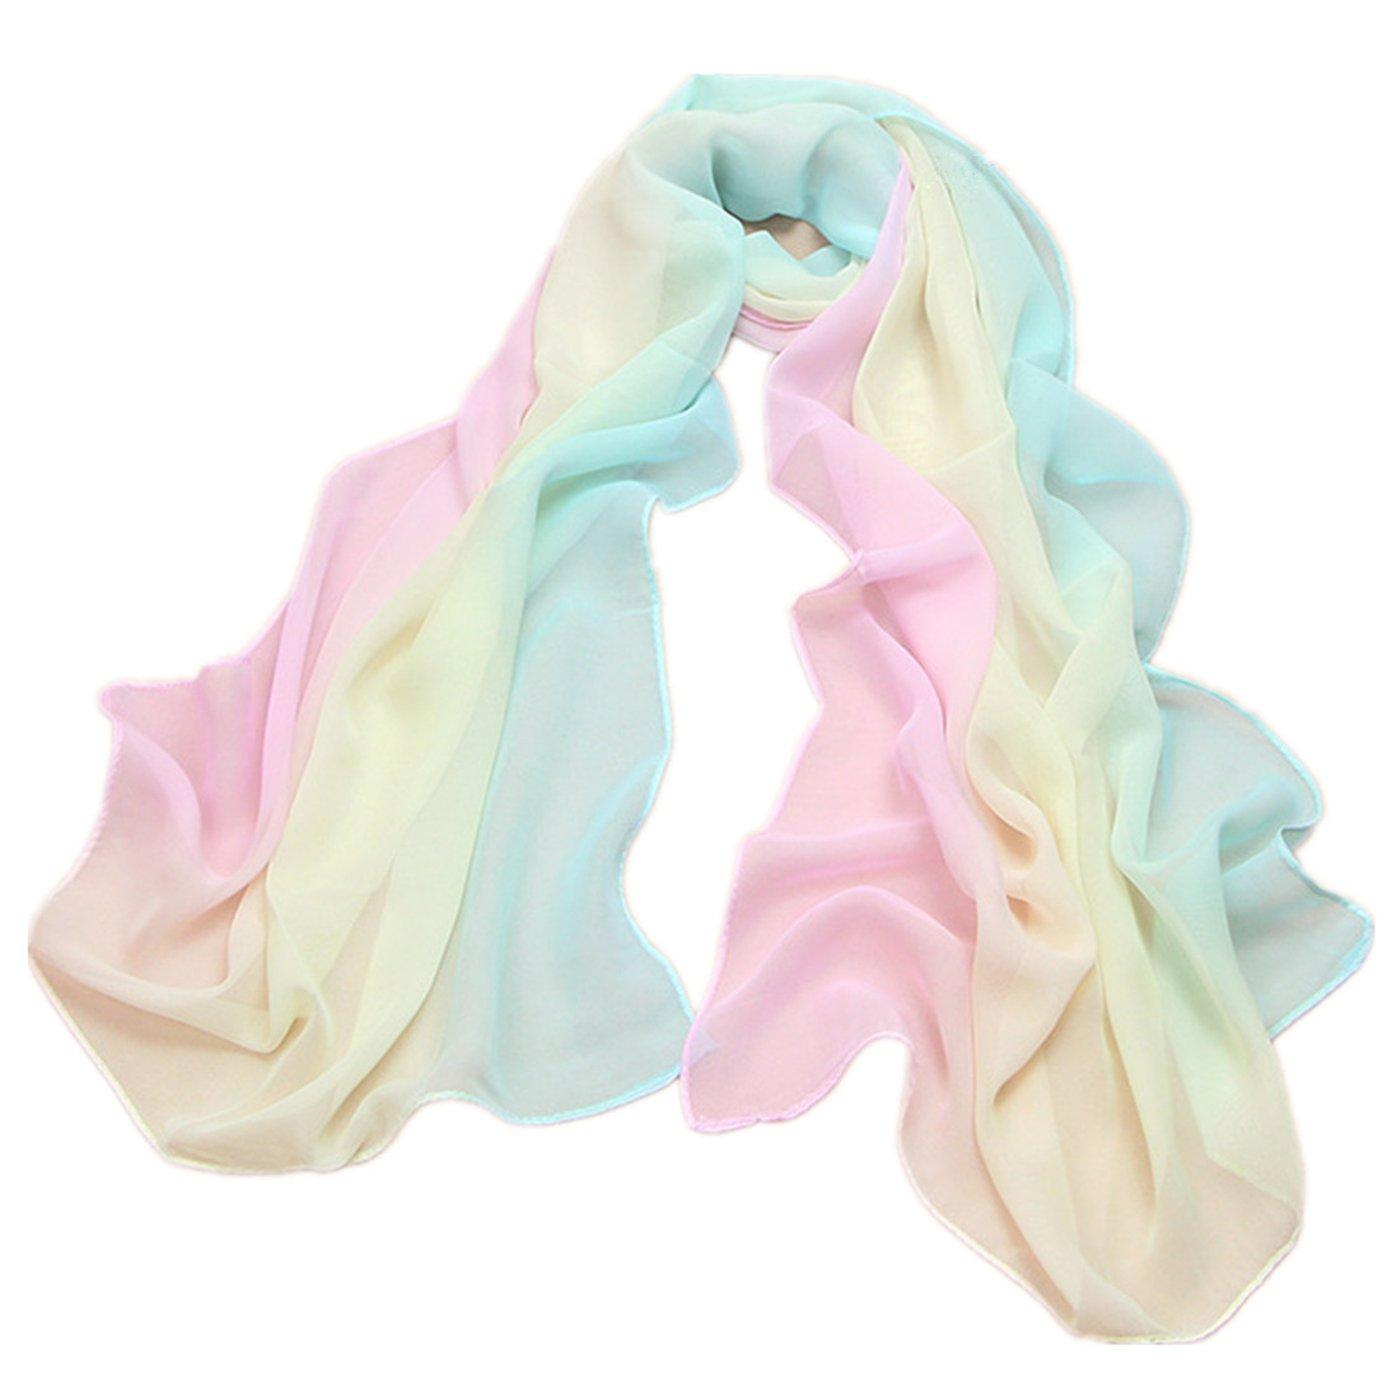 Gradiente colores gasa bufandas - Protección solar, Ciclismo, toallas de playa: Amazon.es: Ropa y accesorios